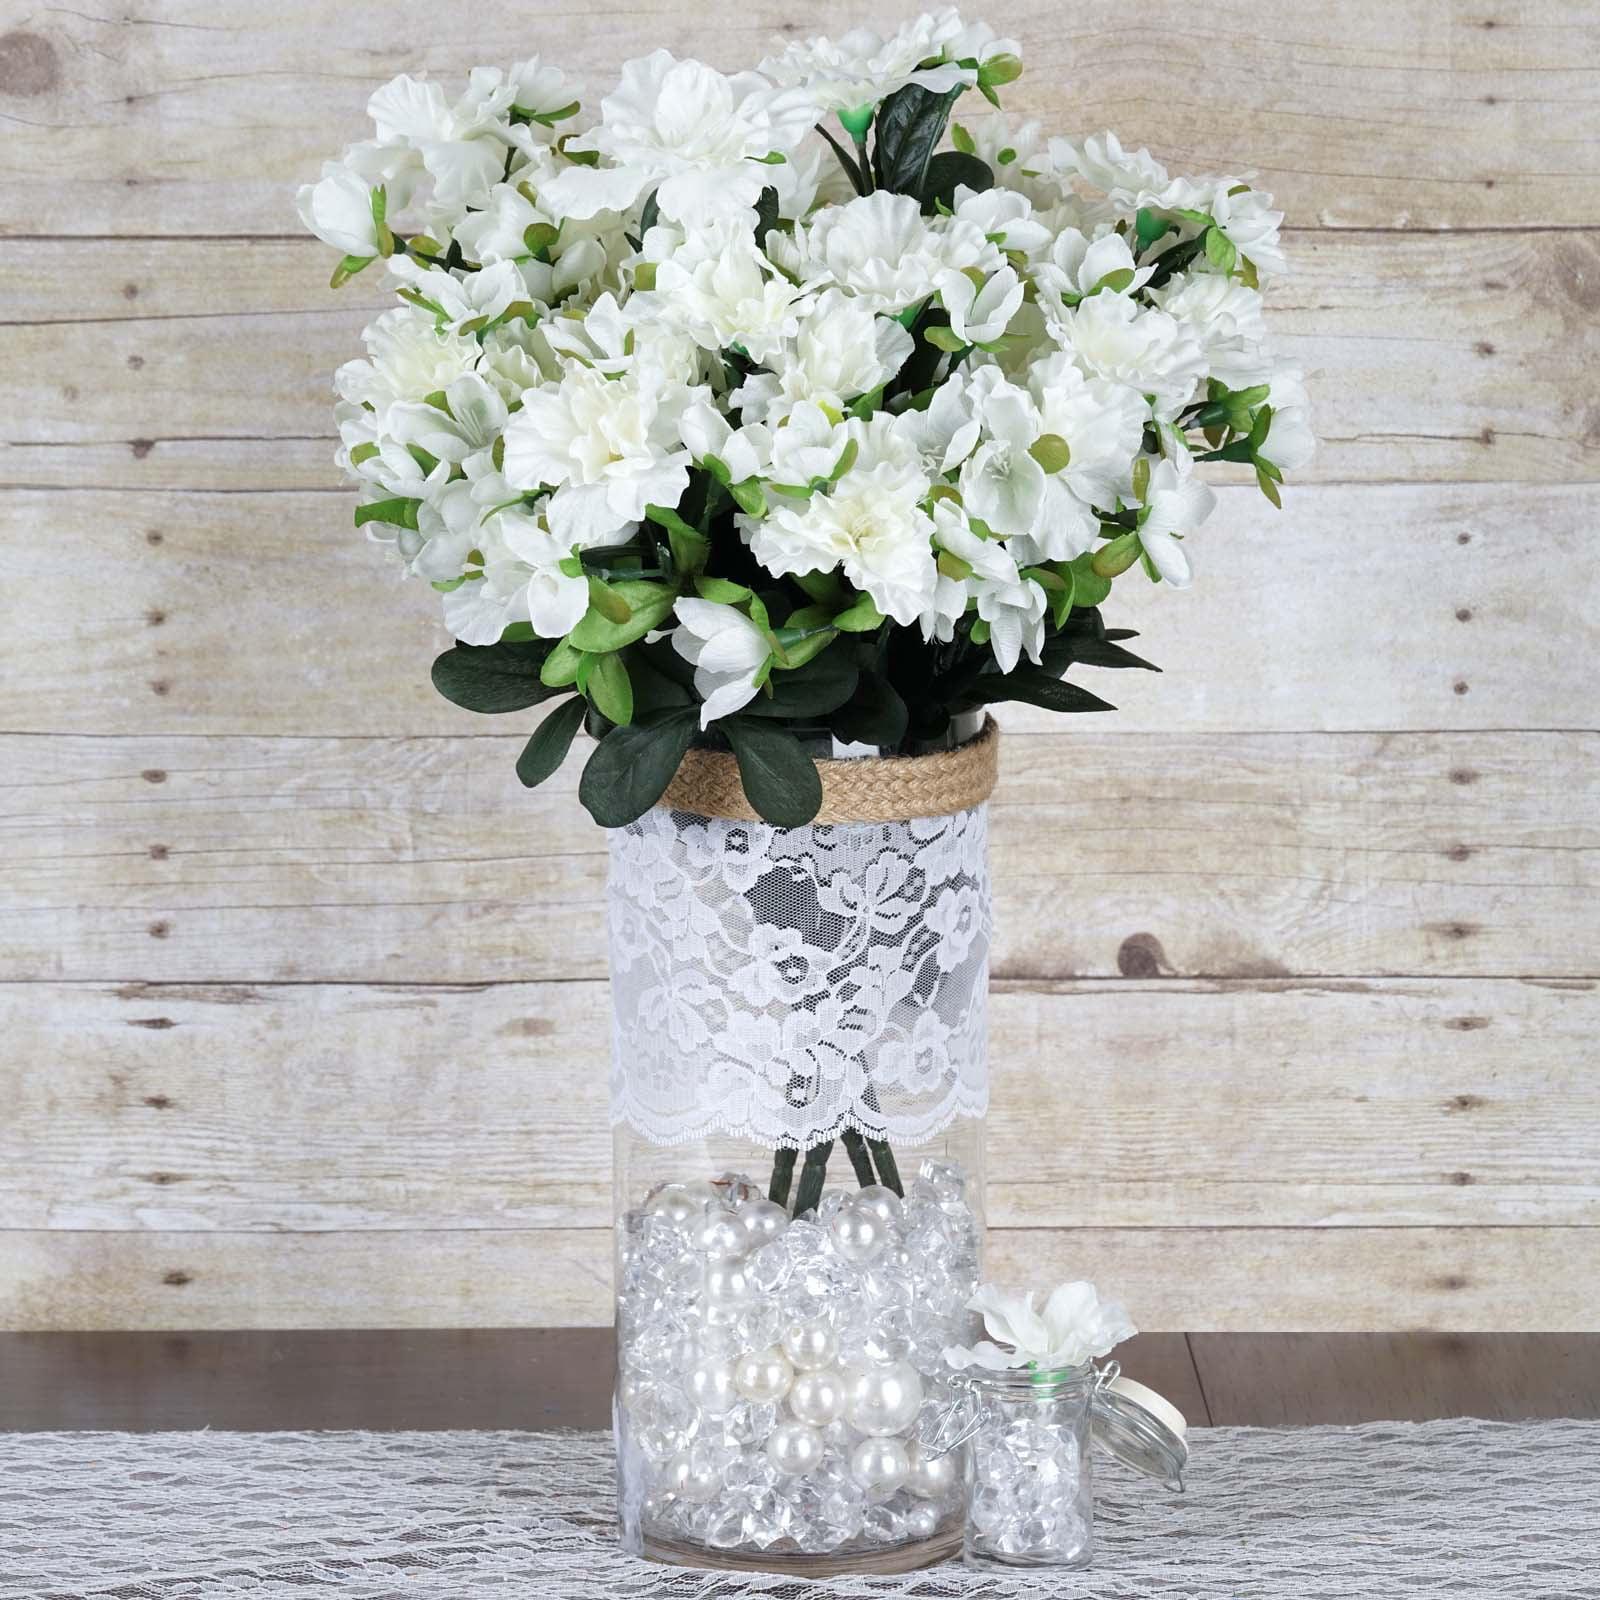 Efavormart 120 pcs Artificial GARDENIAS Flowers for DIY Wedding Bouquets  Centerpieces Arrangements Party Home Decoration , 4 bushes